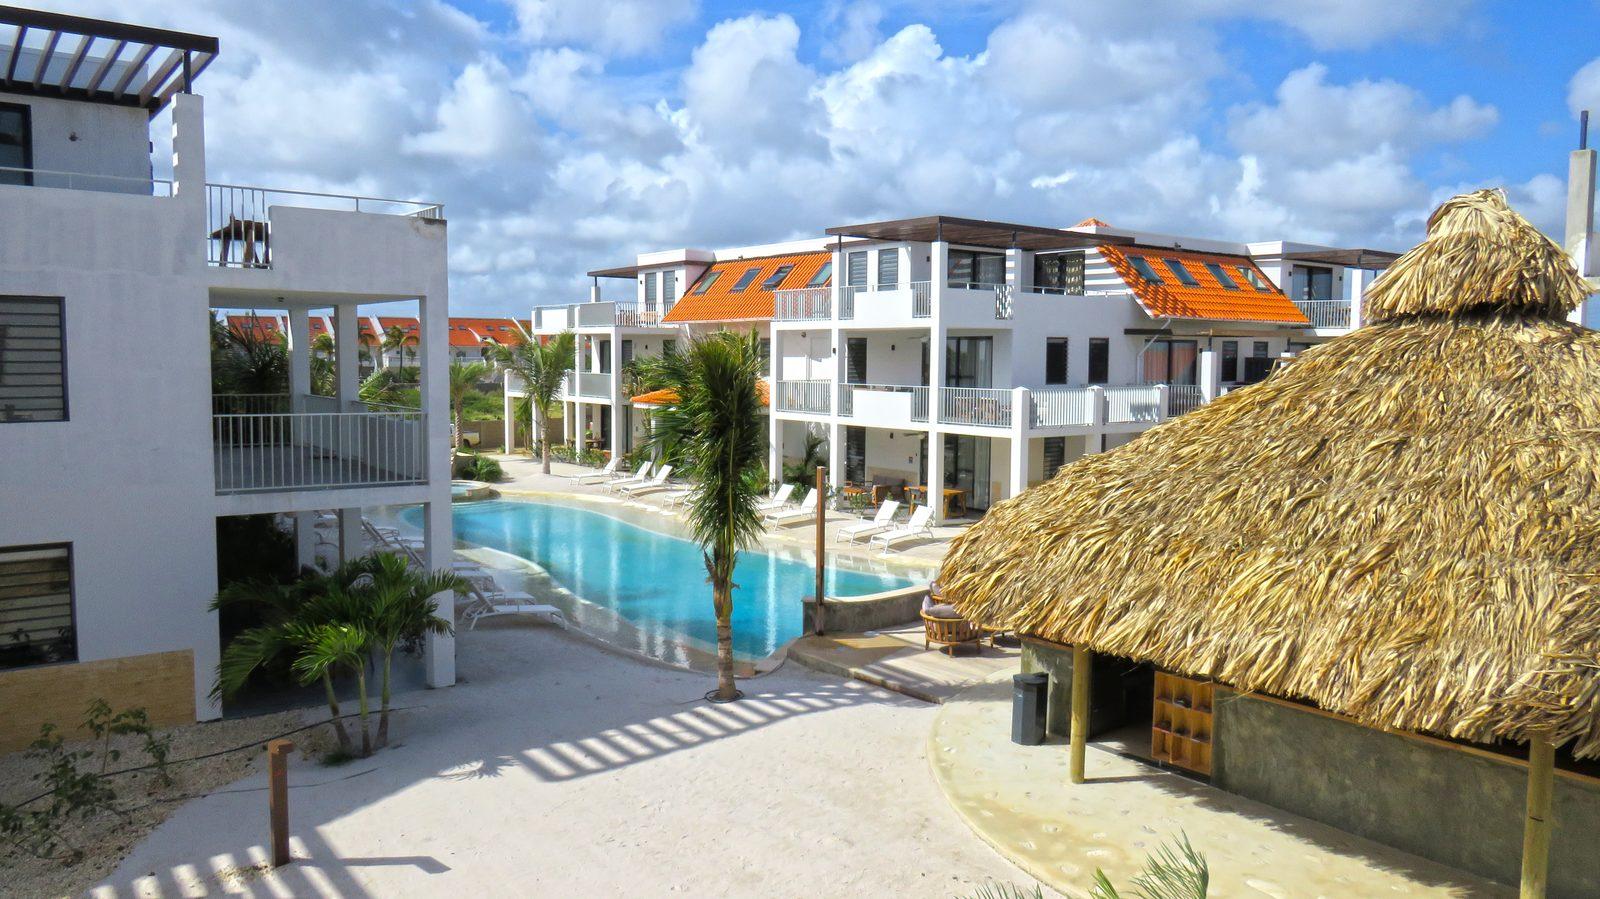 Wenn Sie auf Bonaire sind, können Sie sich im Resort Bonaire aufhalten. Luxuriöse Appartements, ausgestattet mit allem Komfort, den Sie sich wünschen könnten. Schauen Sie sich unsere verfügbaren Appartements an!